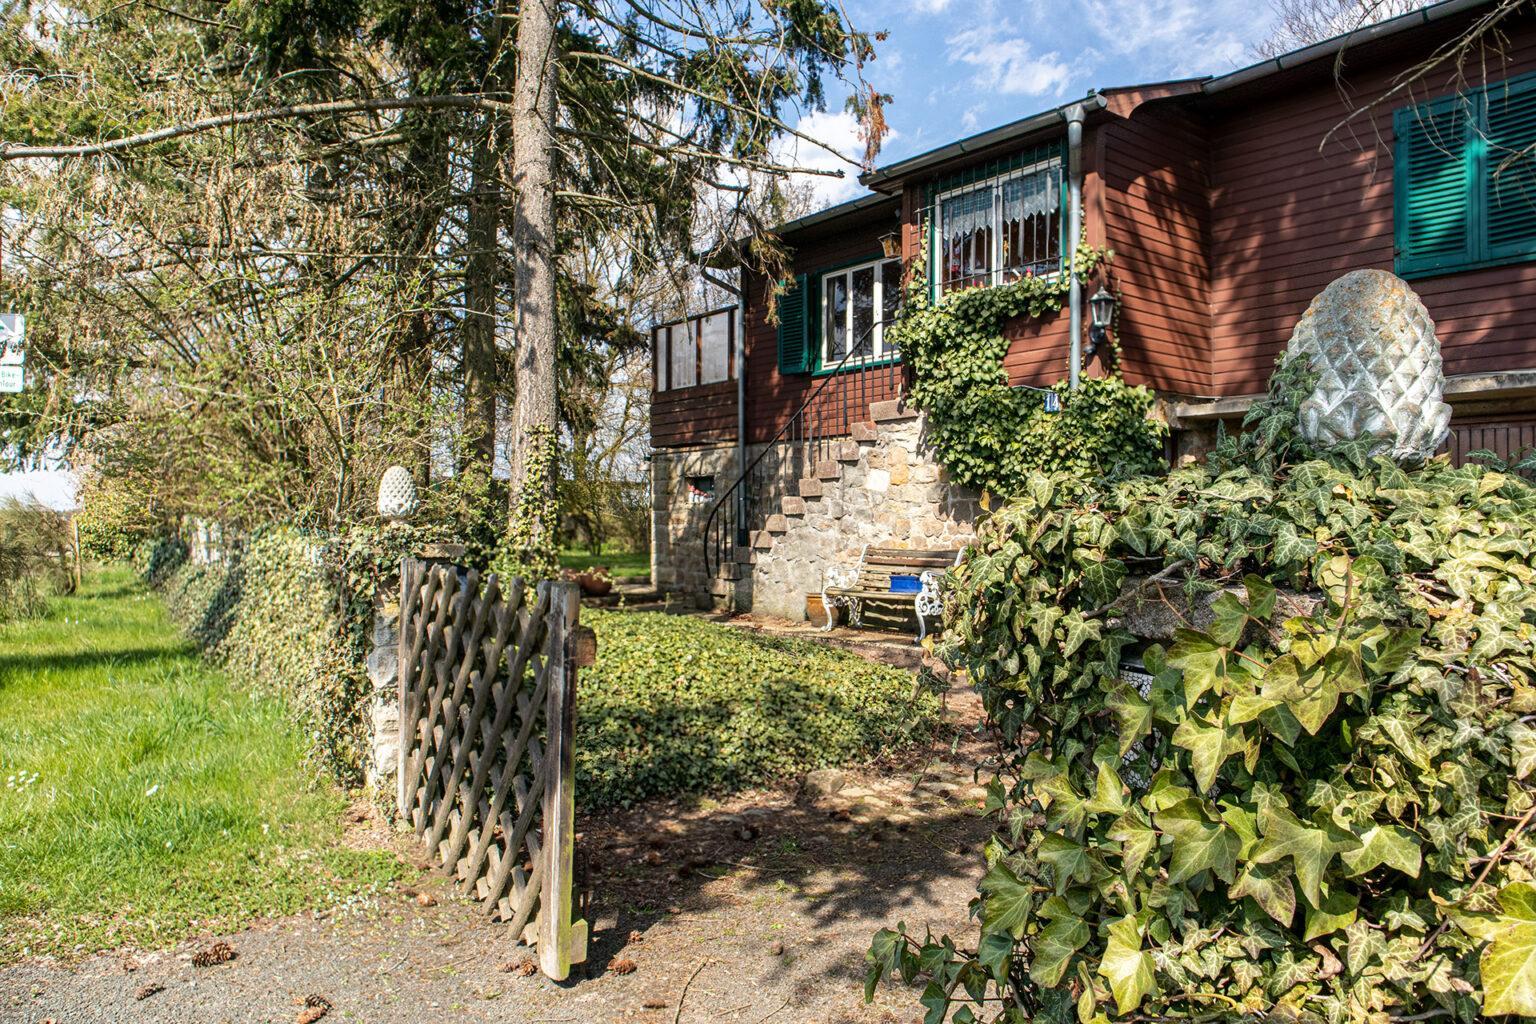 Ferienhaus kaufen Hessen - Marc Härter Immobilien